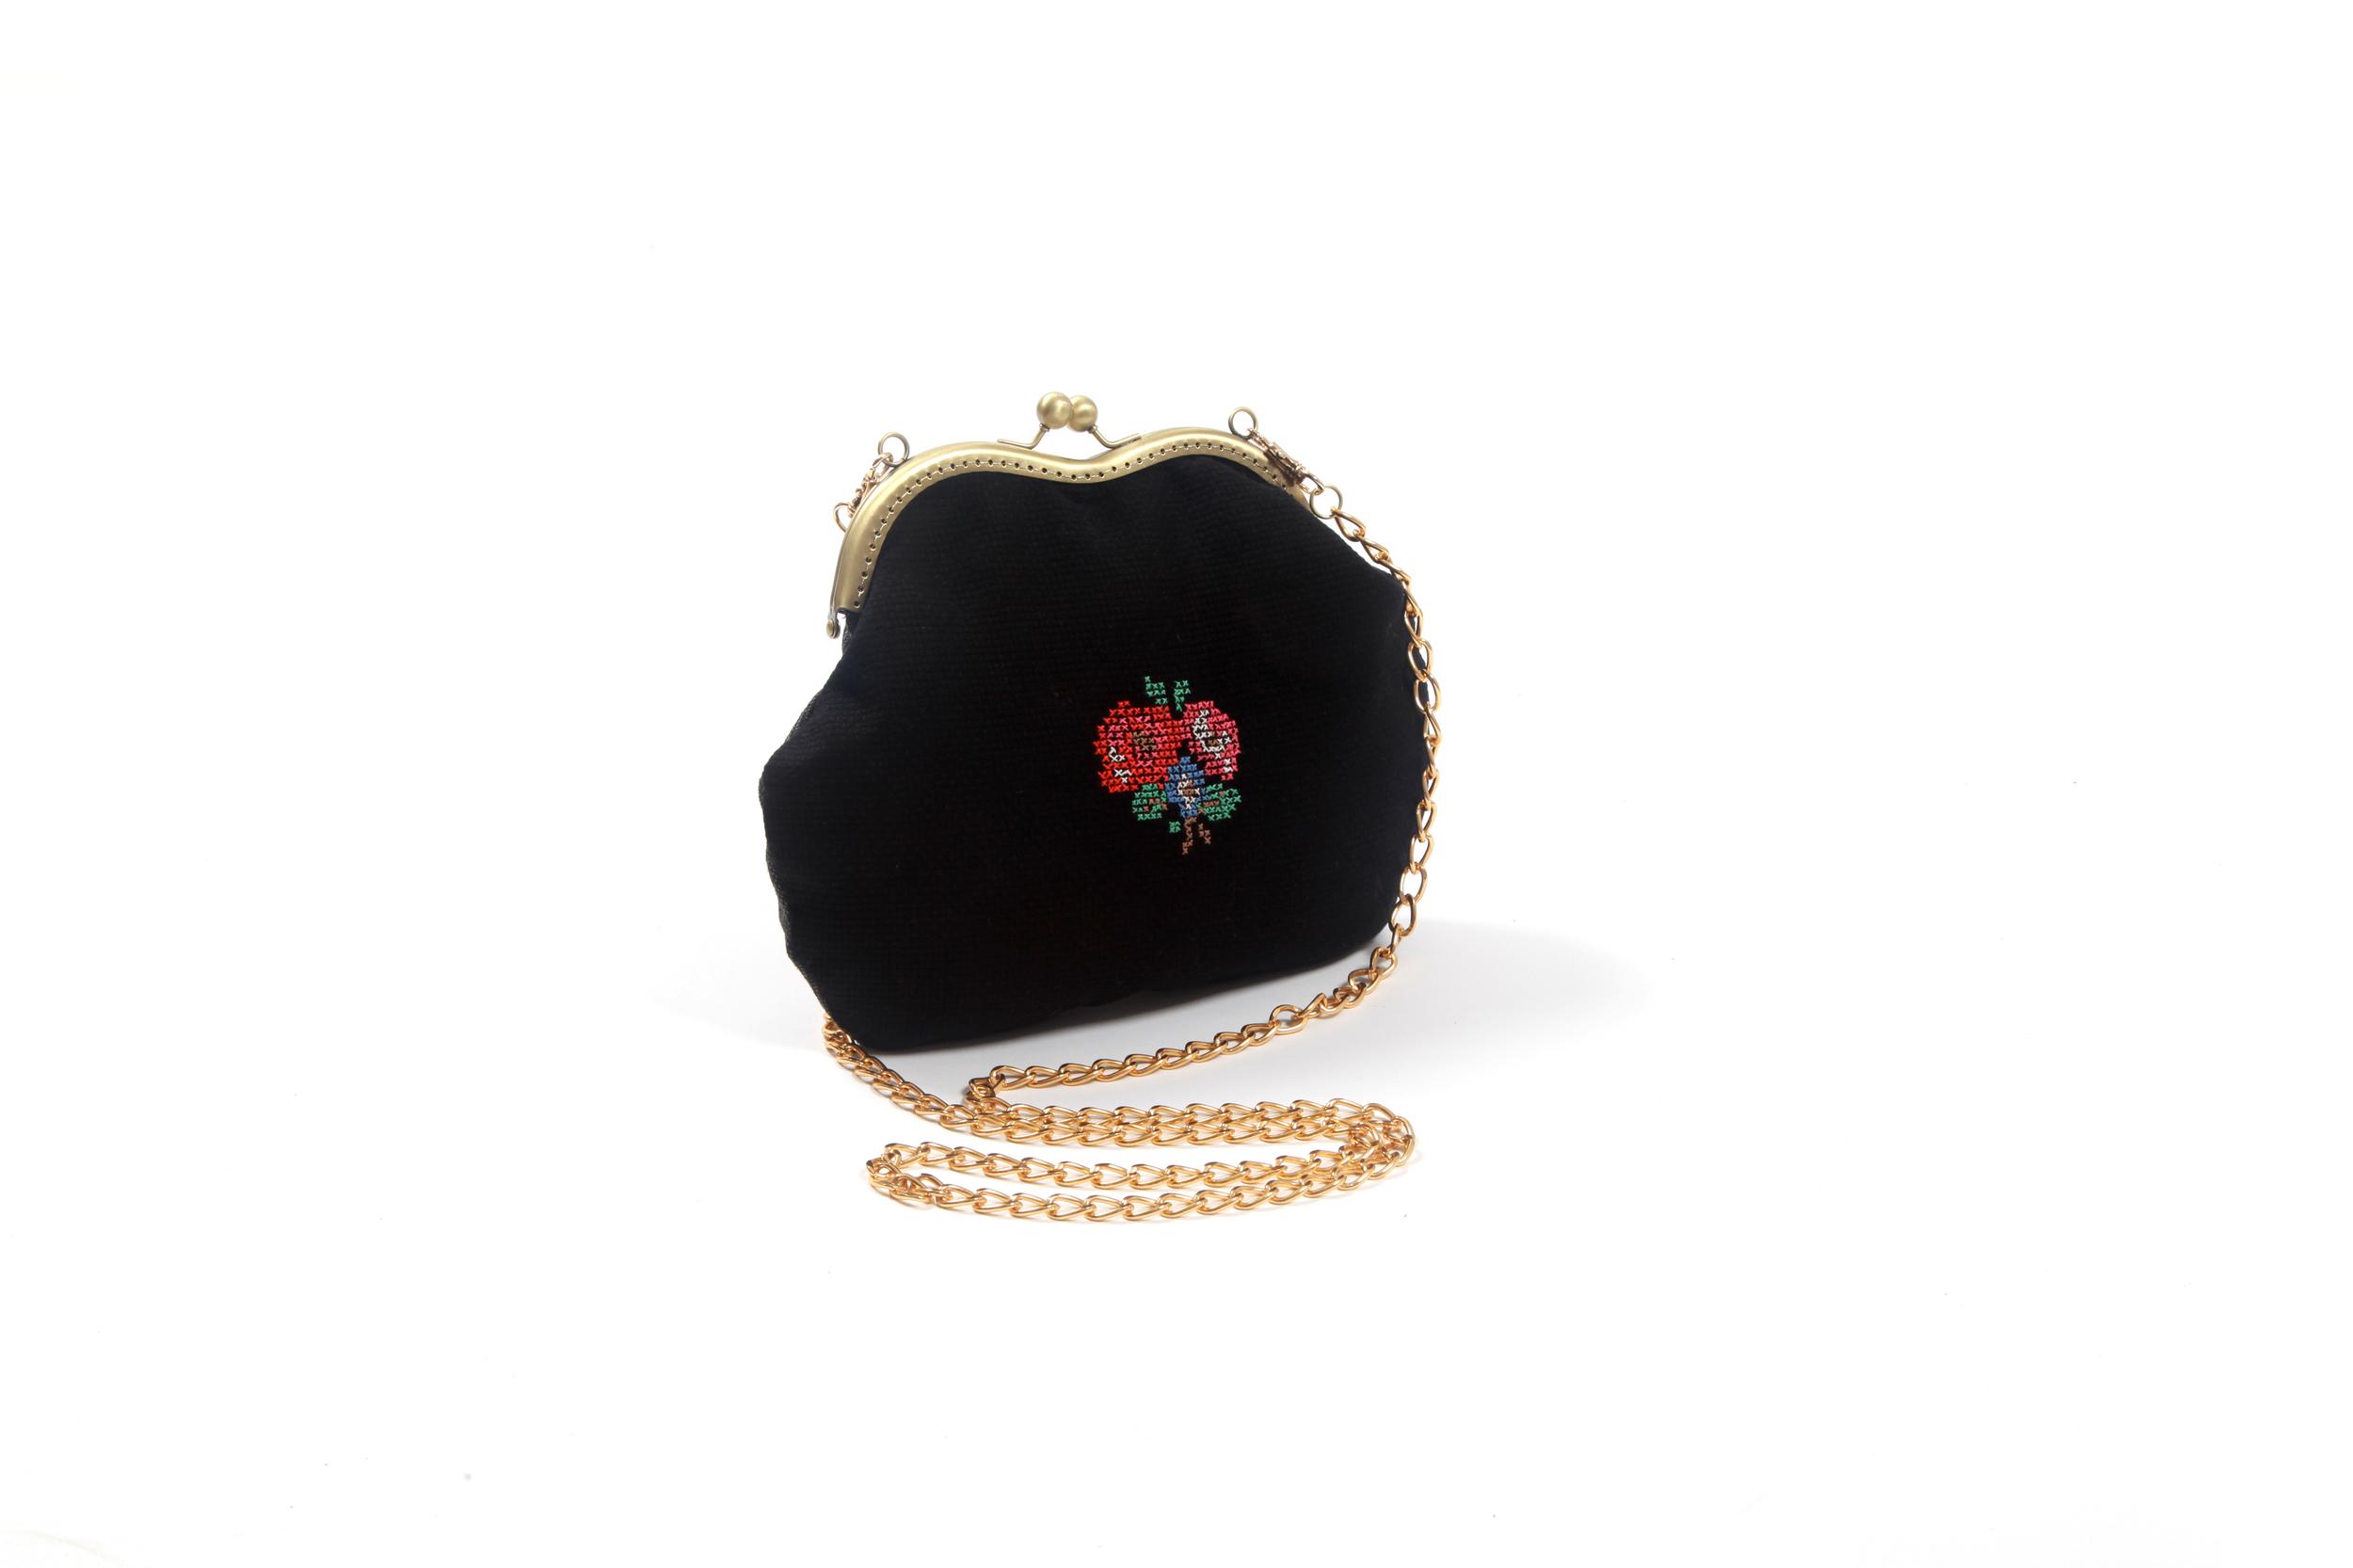 פזית בן אדוה תיק קלאץ רקמת זר פרחים מחיר 279 שח צילום אורן וקסלר .jpg